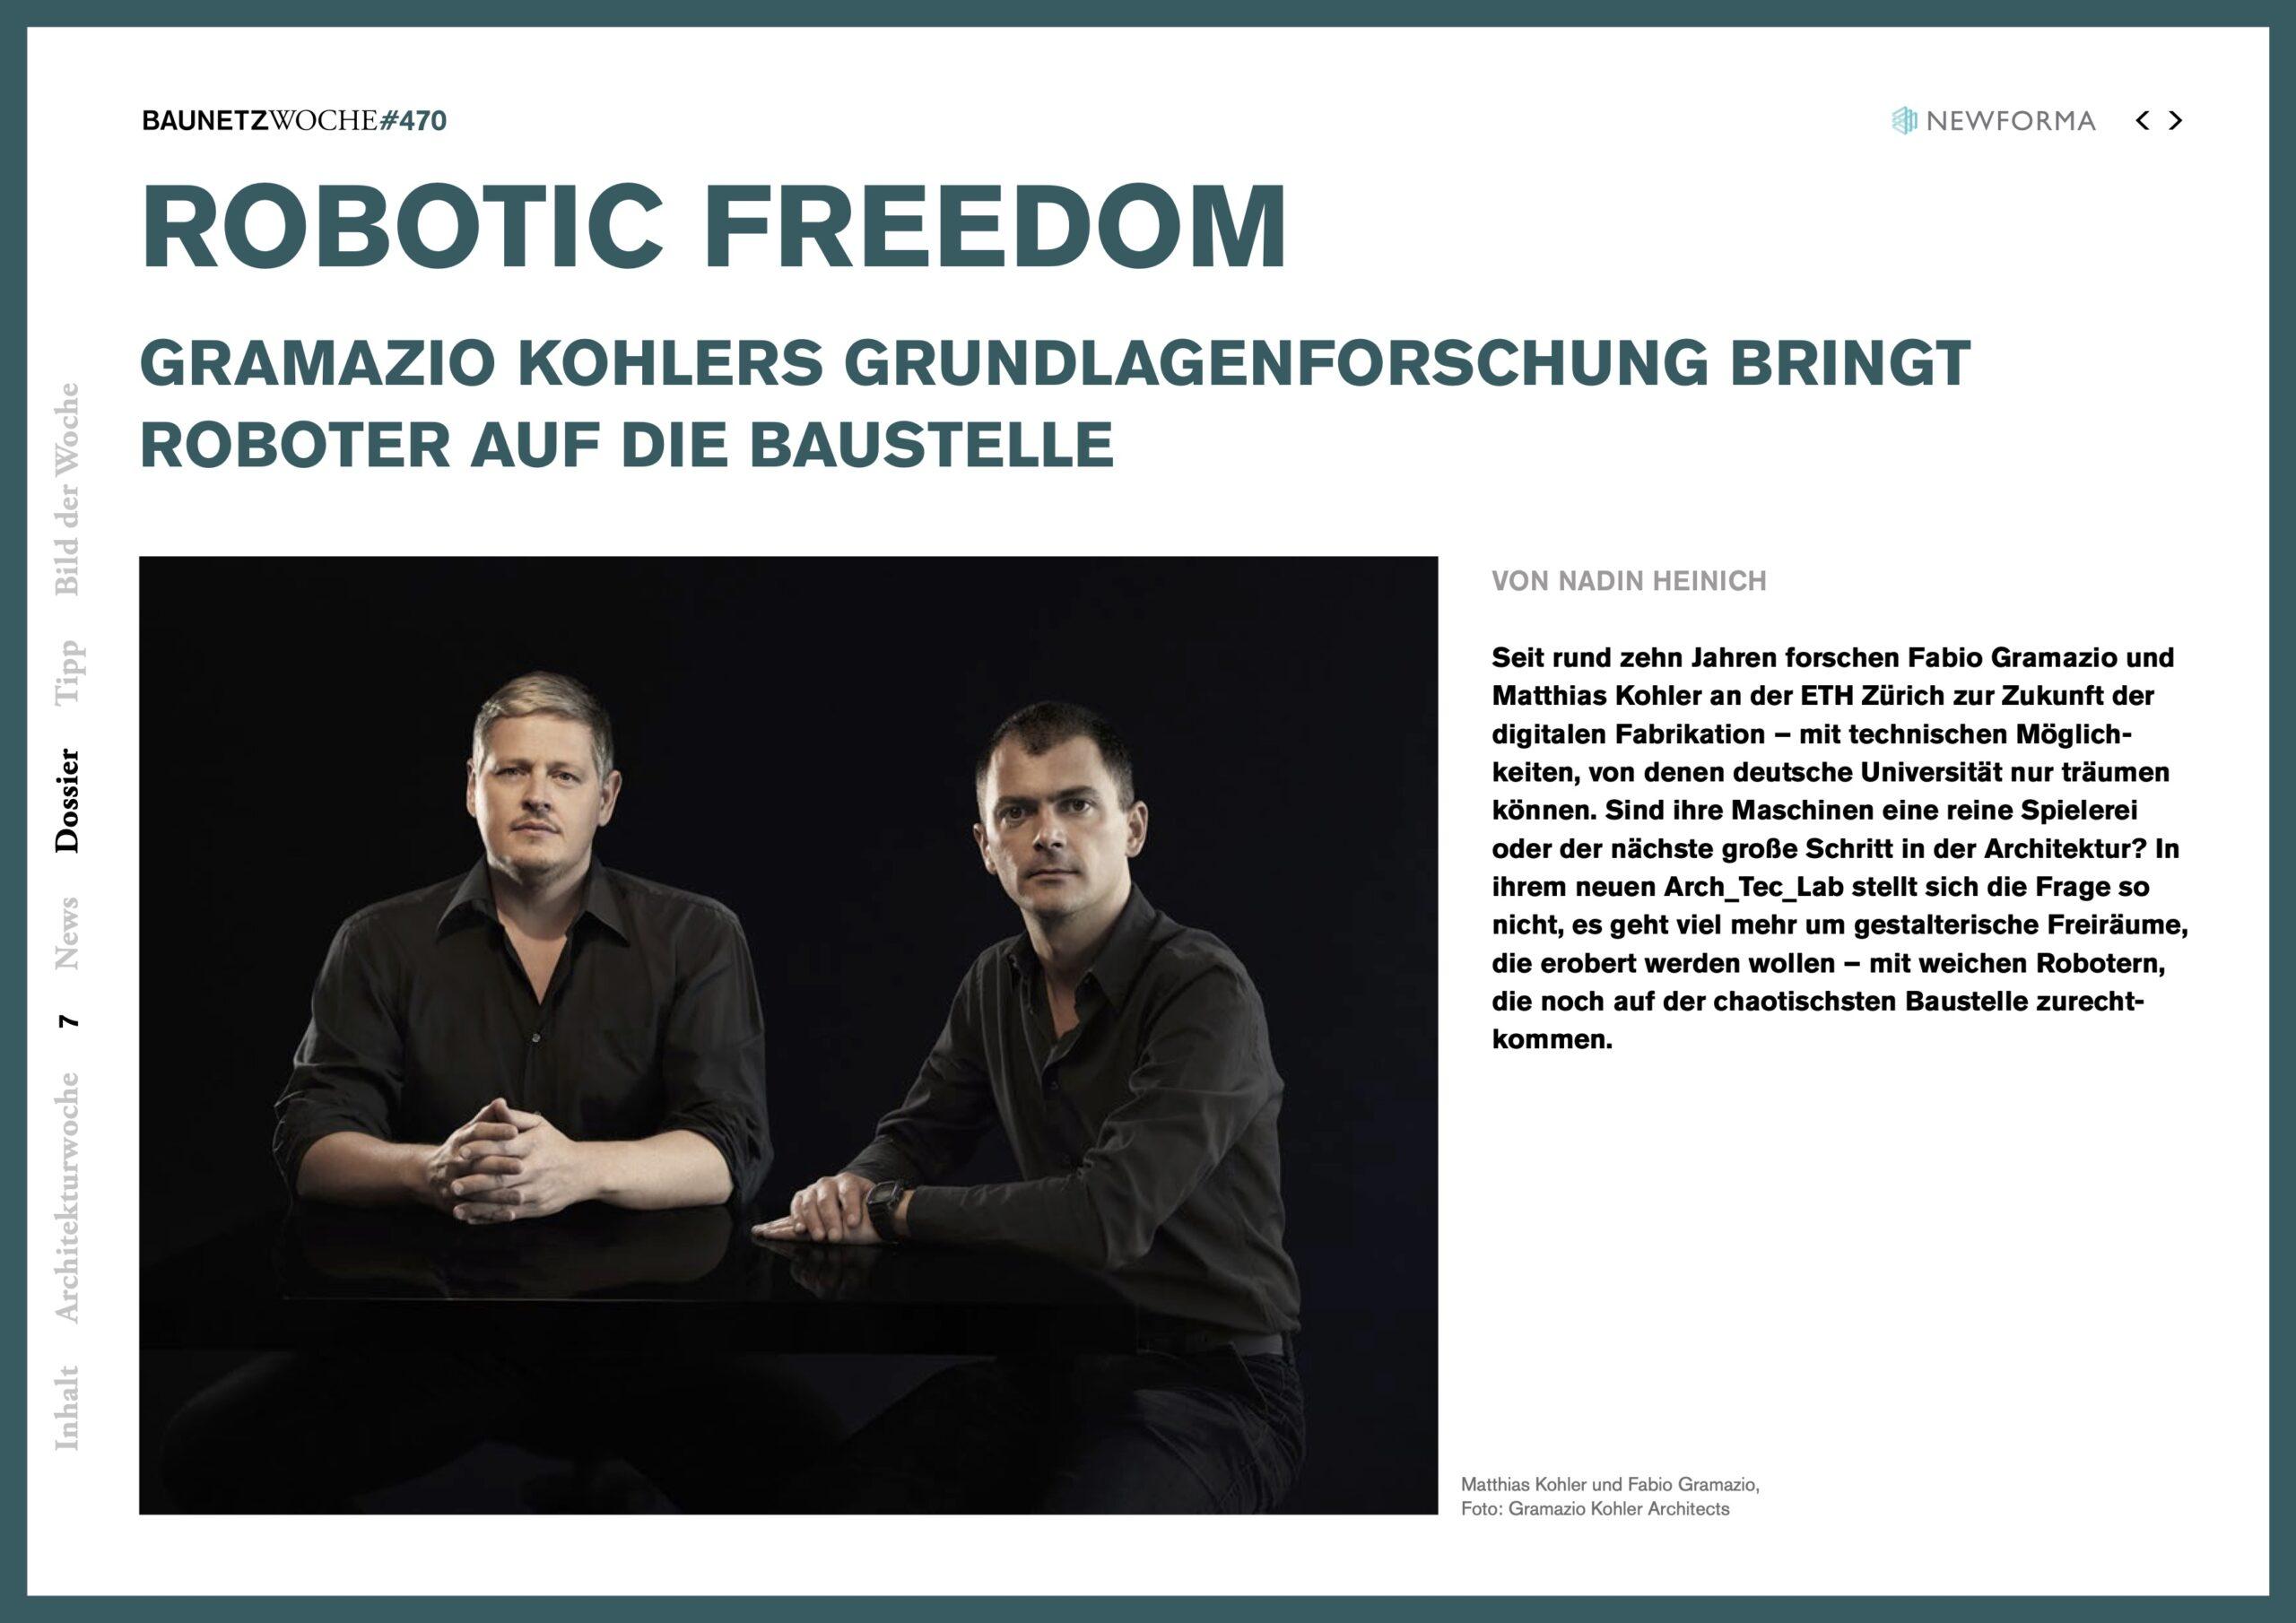 Baunetzwoche, Robotic Freedom, das Arch_Tech_Lab der ETH Zürich